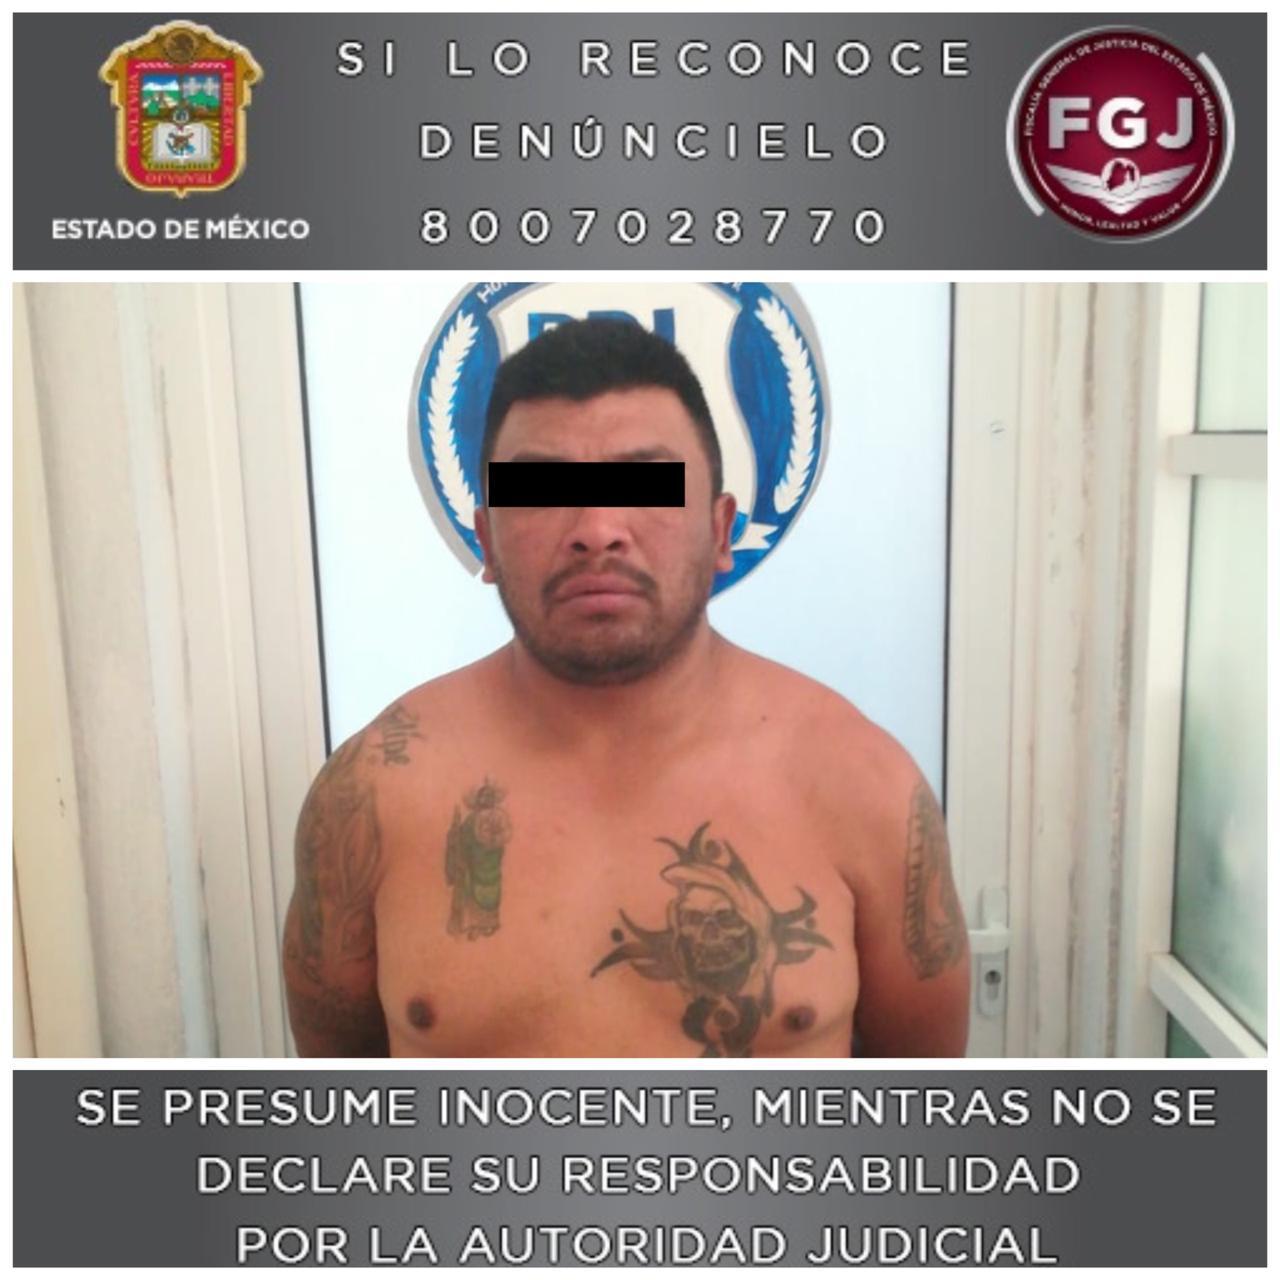 Detienen a sujeto investigado en un robo a los usuarios de una unidad de transporte público en Cuautitlán Izcalli